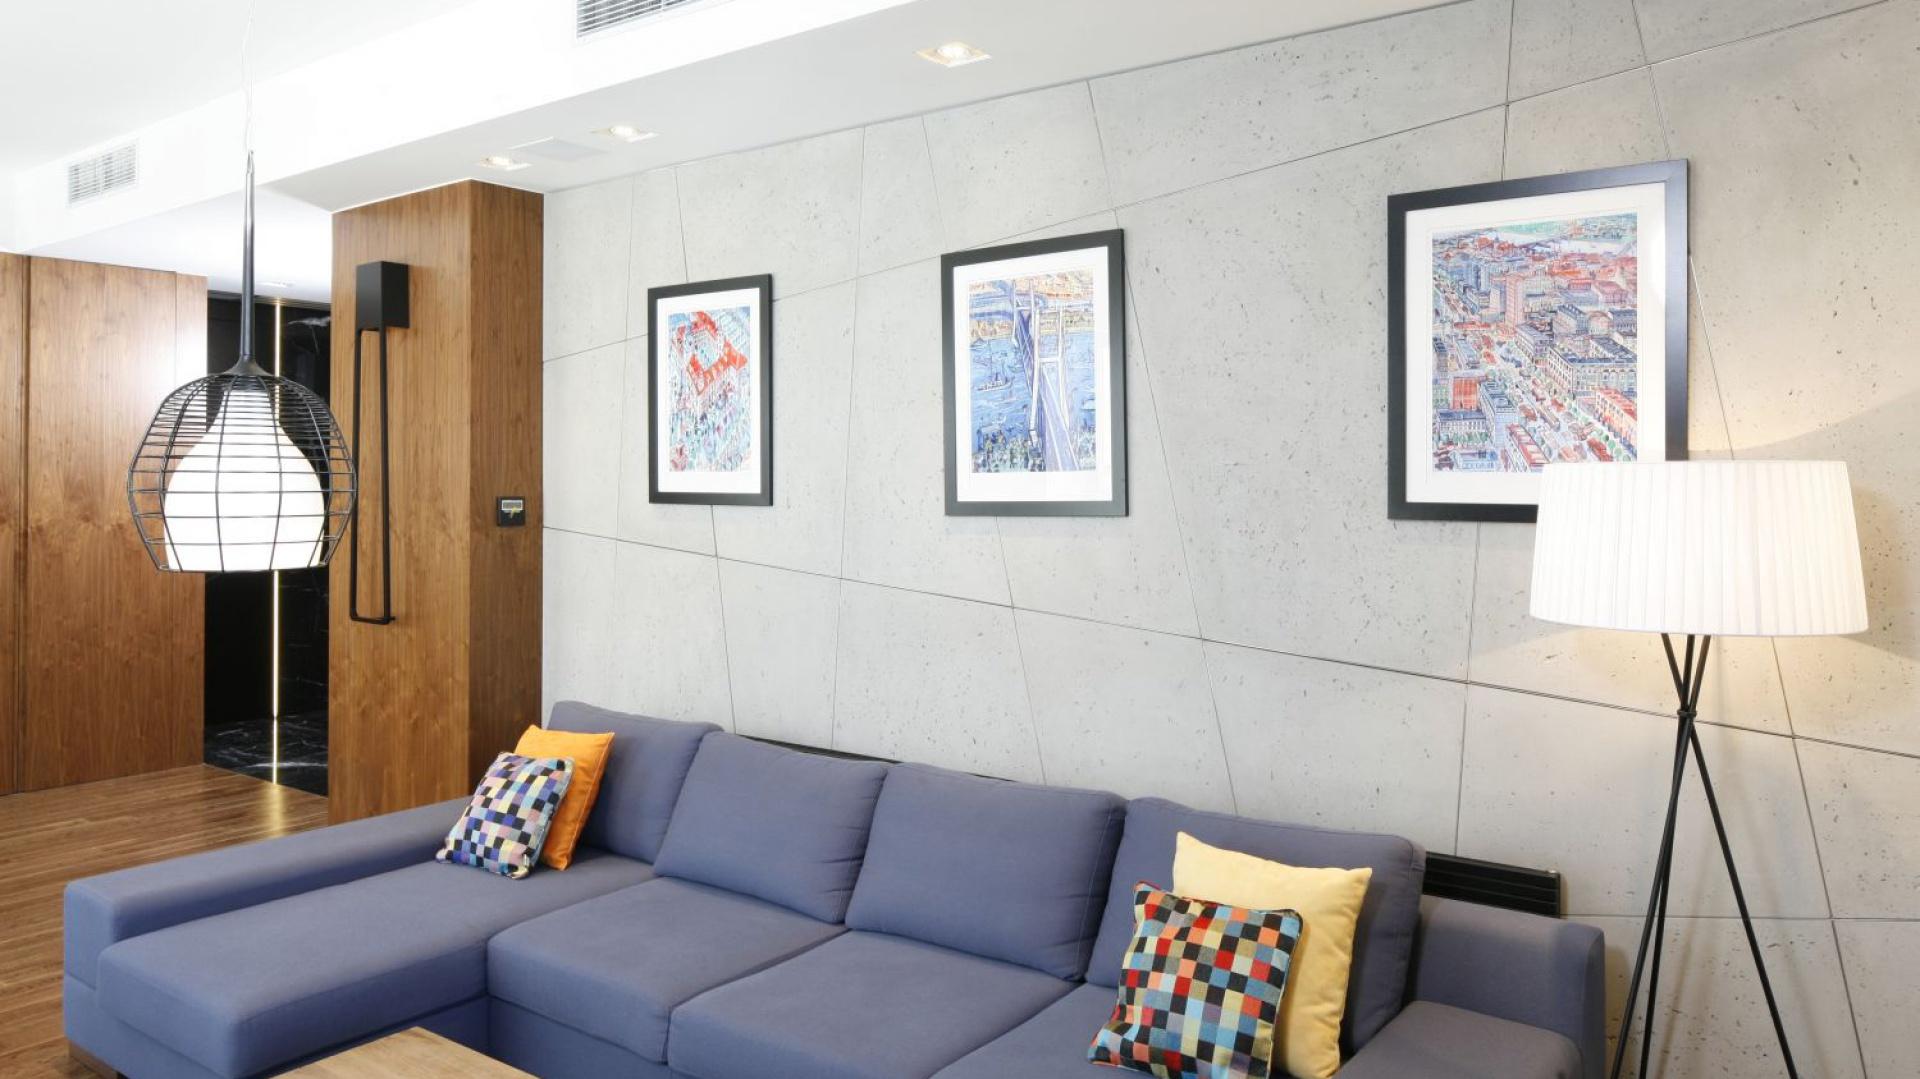 Scianę w salonie pokryto tynkiem z efektem betonu, w którym odciśnięto asymetryczne linie, tworzące geometryczny rysunek na ścianie. Projekt: Monika i Adam Bronikowscy. Fot. Bartosz Jarosz